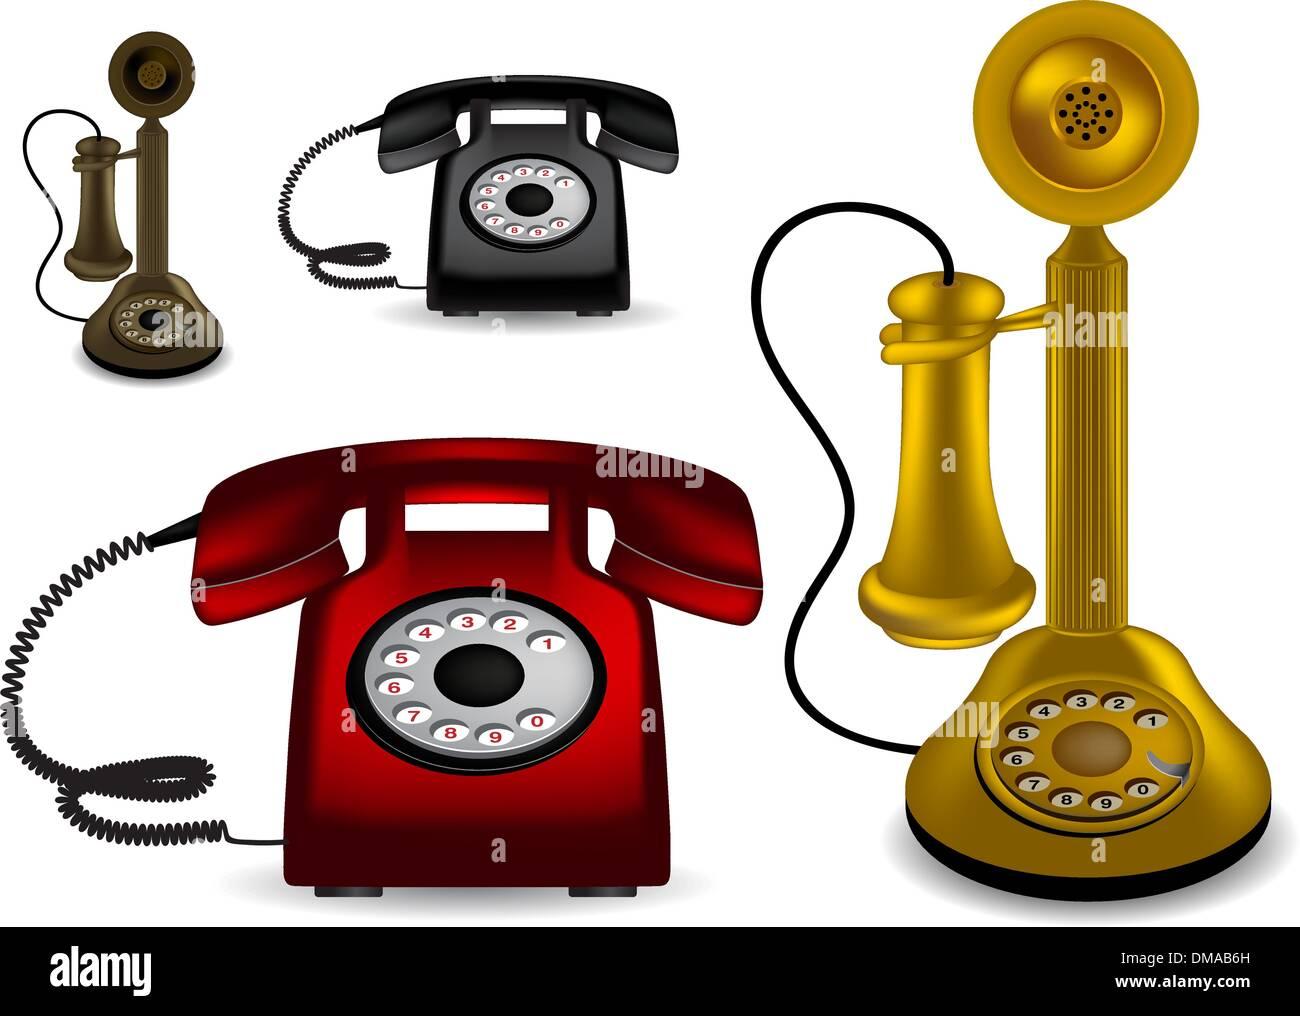 Telefono retrò - illustrazione vettoriale Immagini Stock